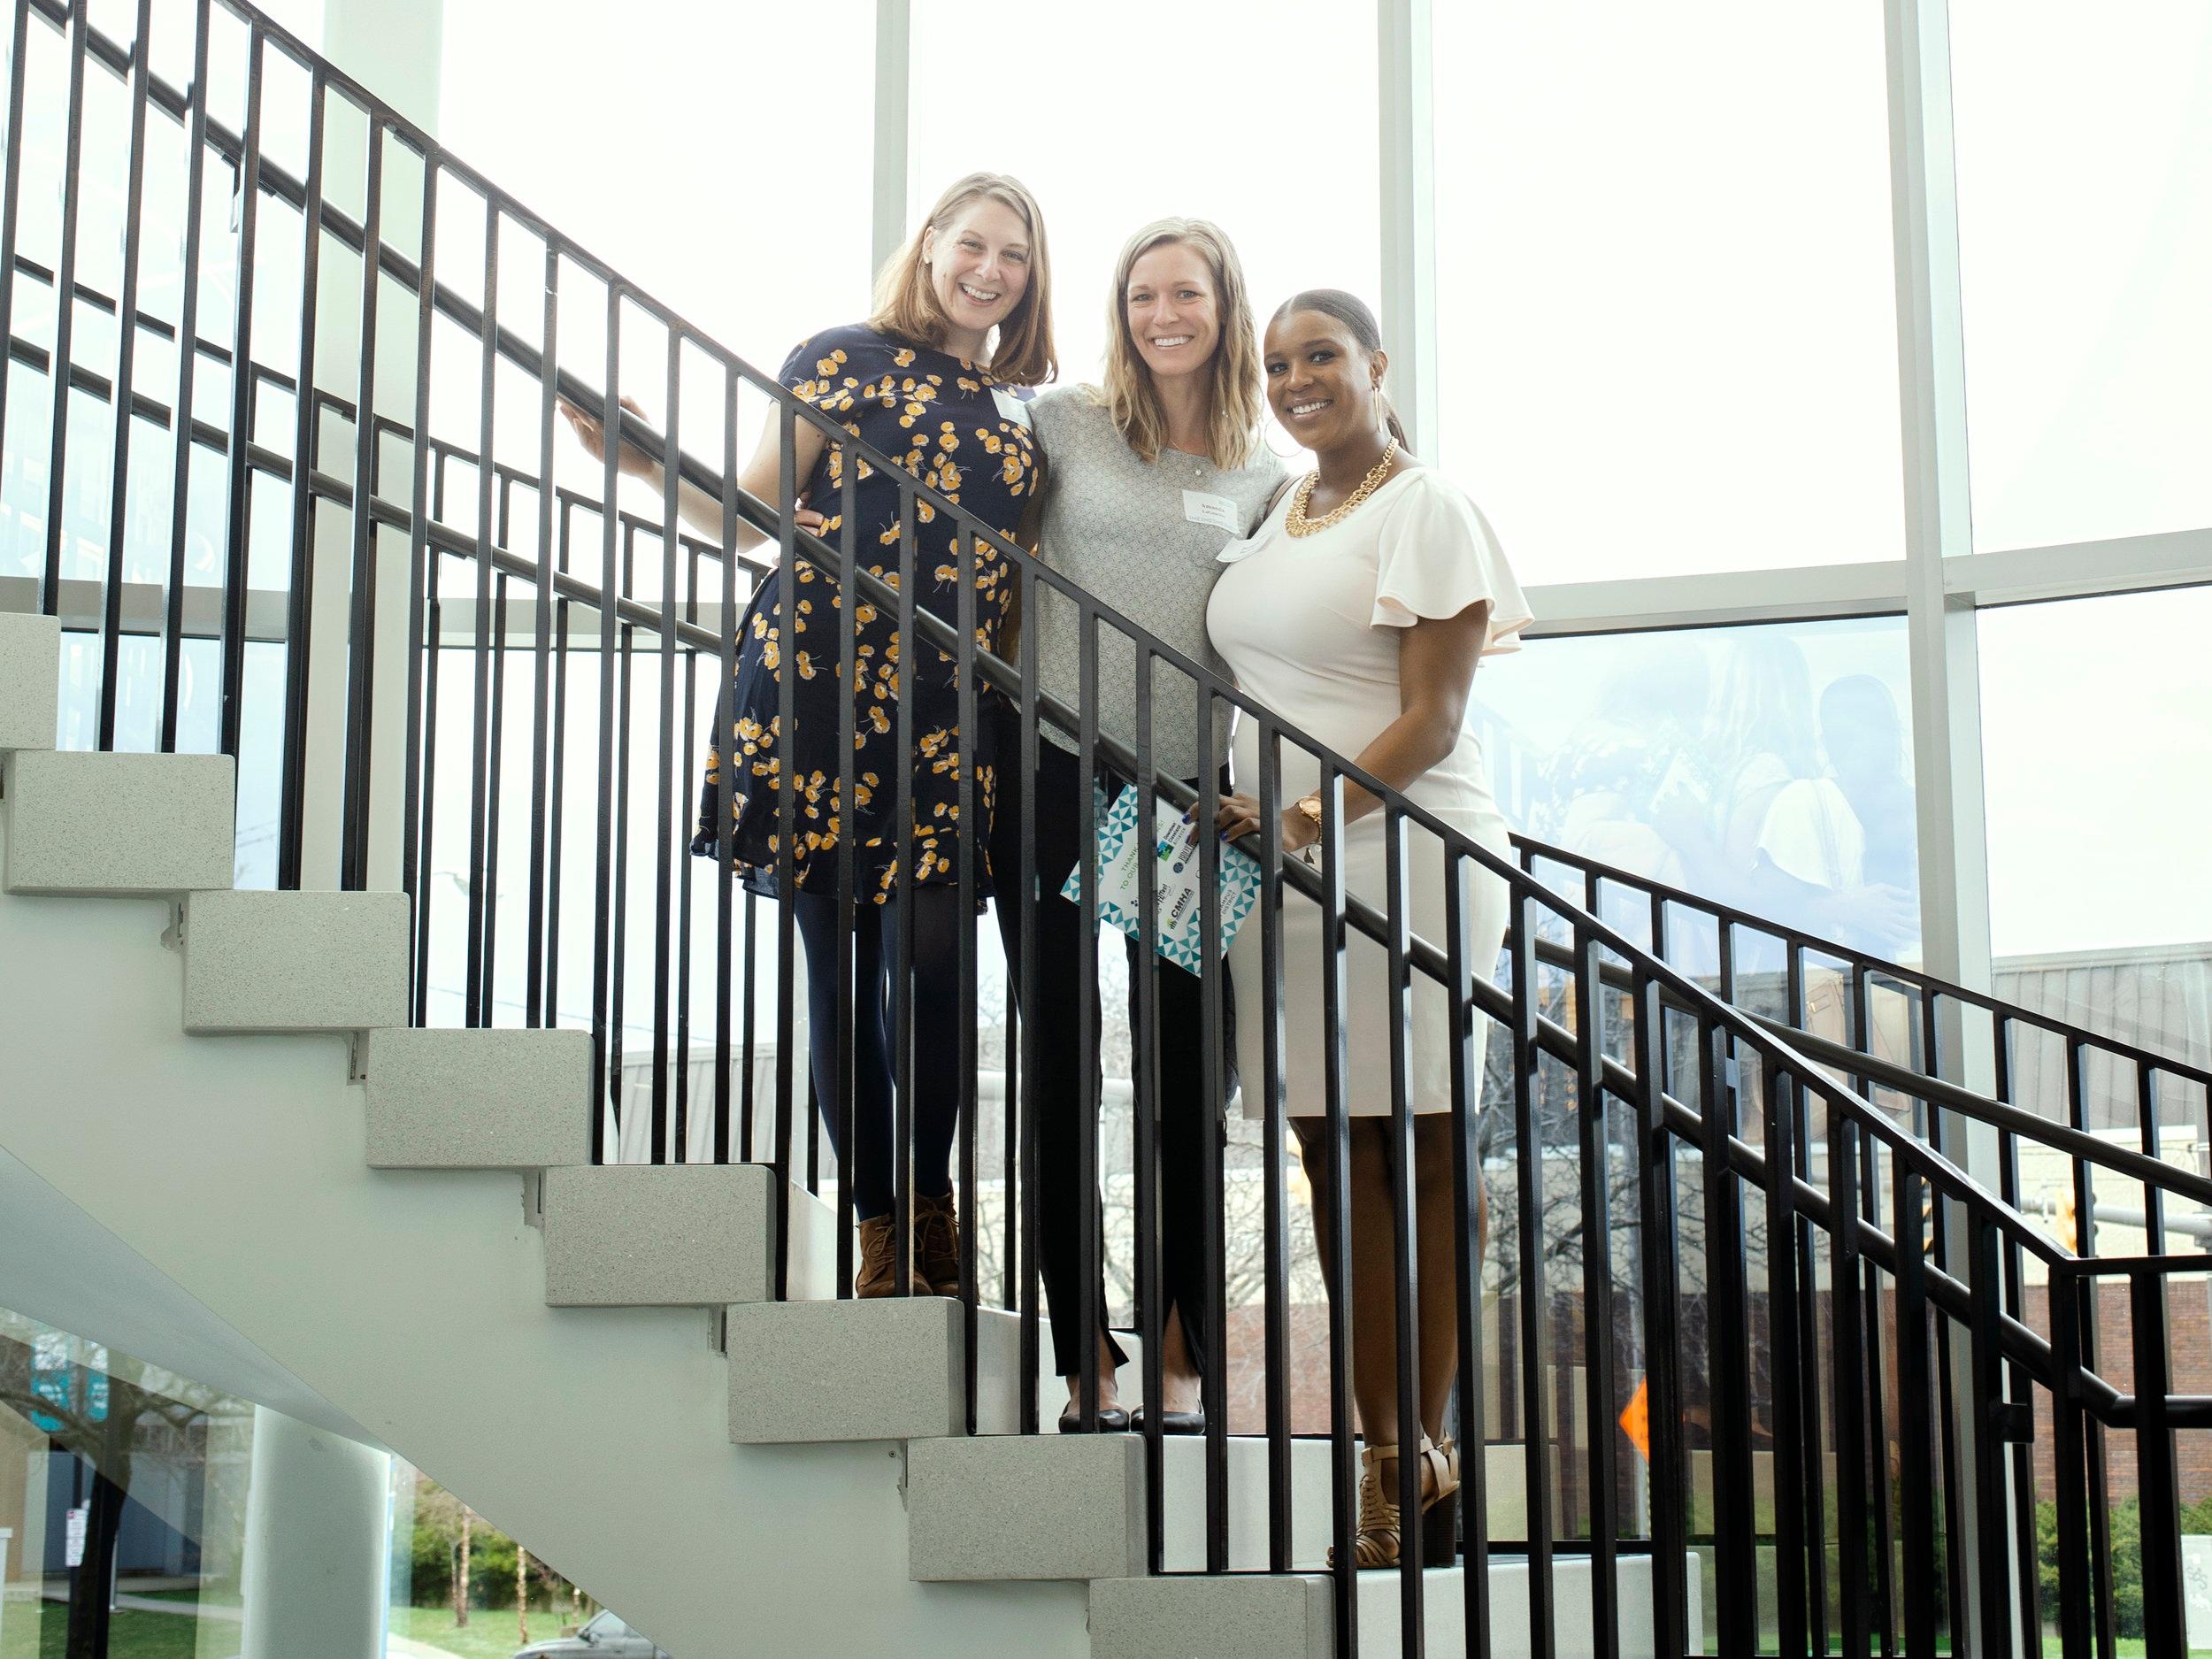 Kaela Geschke, Amanda LaGuardia, and Jazmyn Blockson.